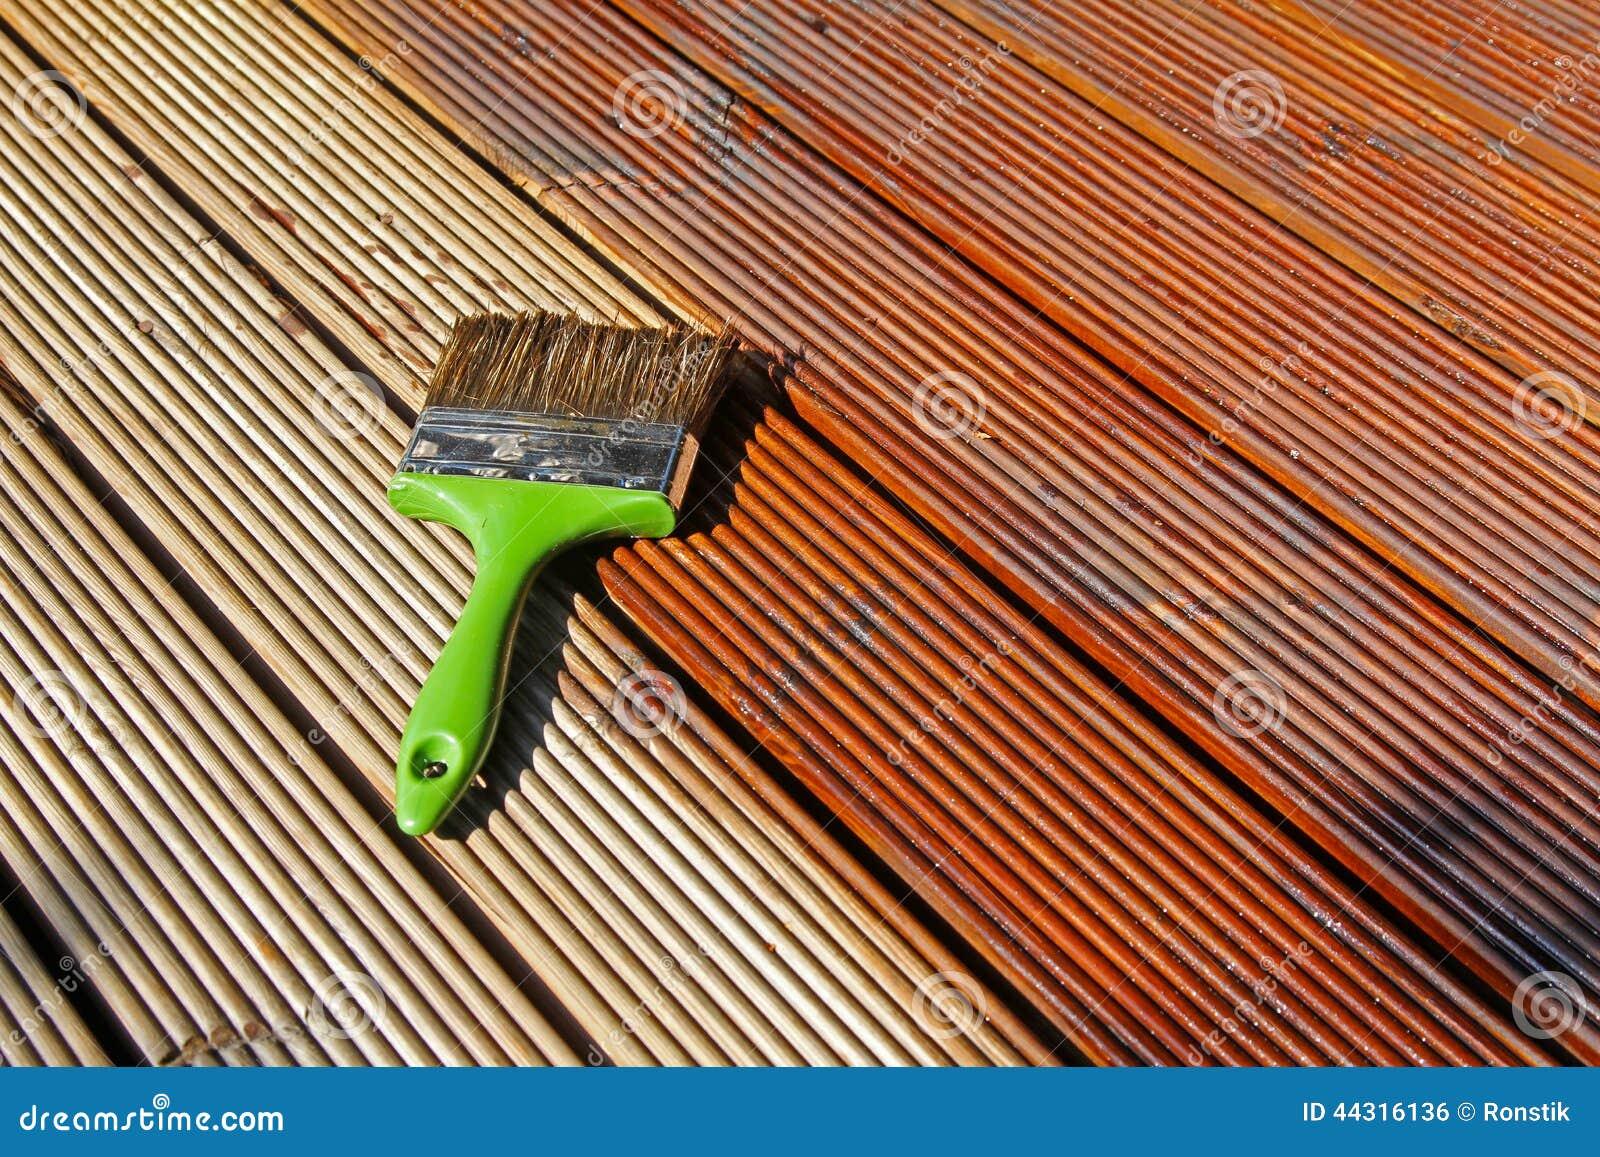 Ζωγραφική της ξύλινης γέφυρας patio με το προστατευτικό πετρέλαιο